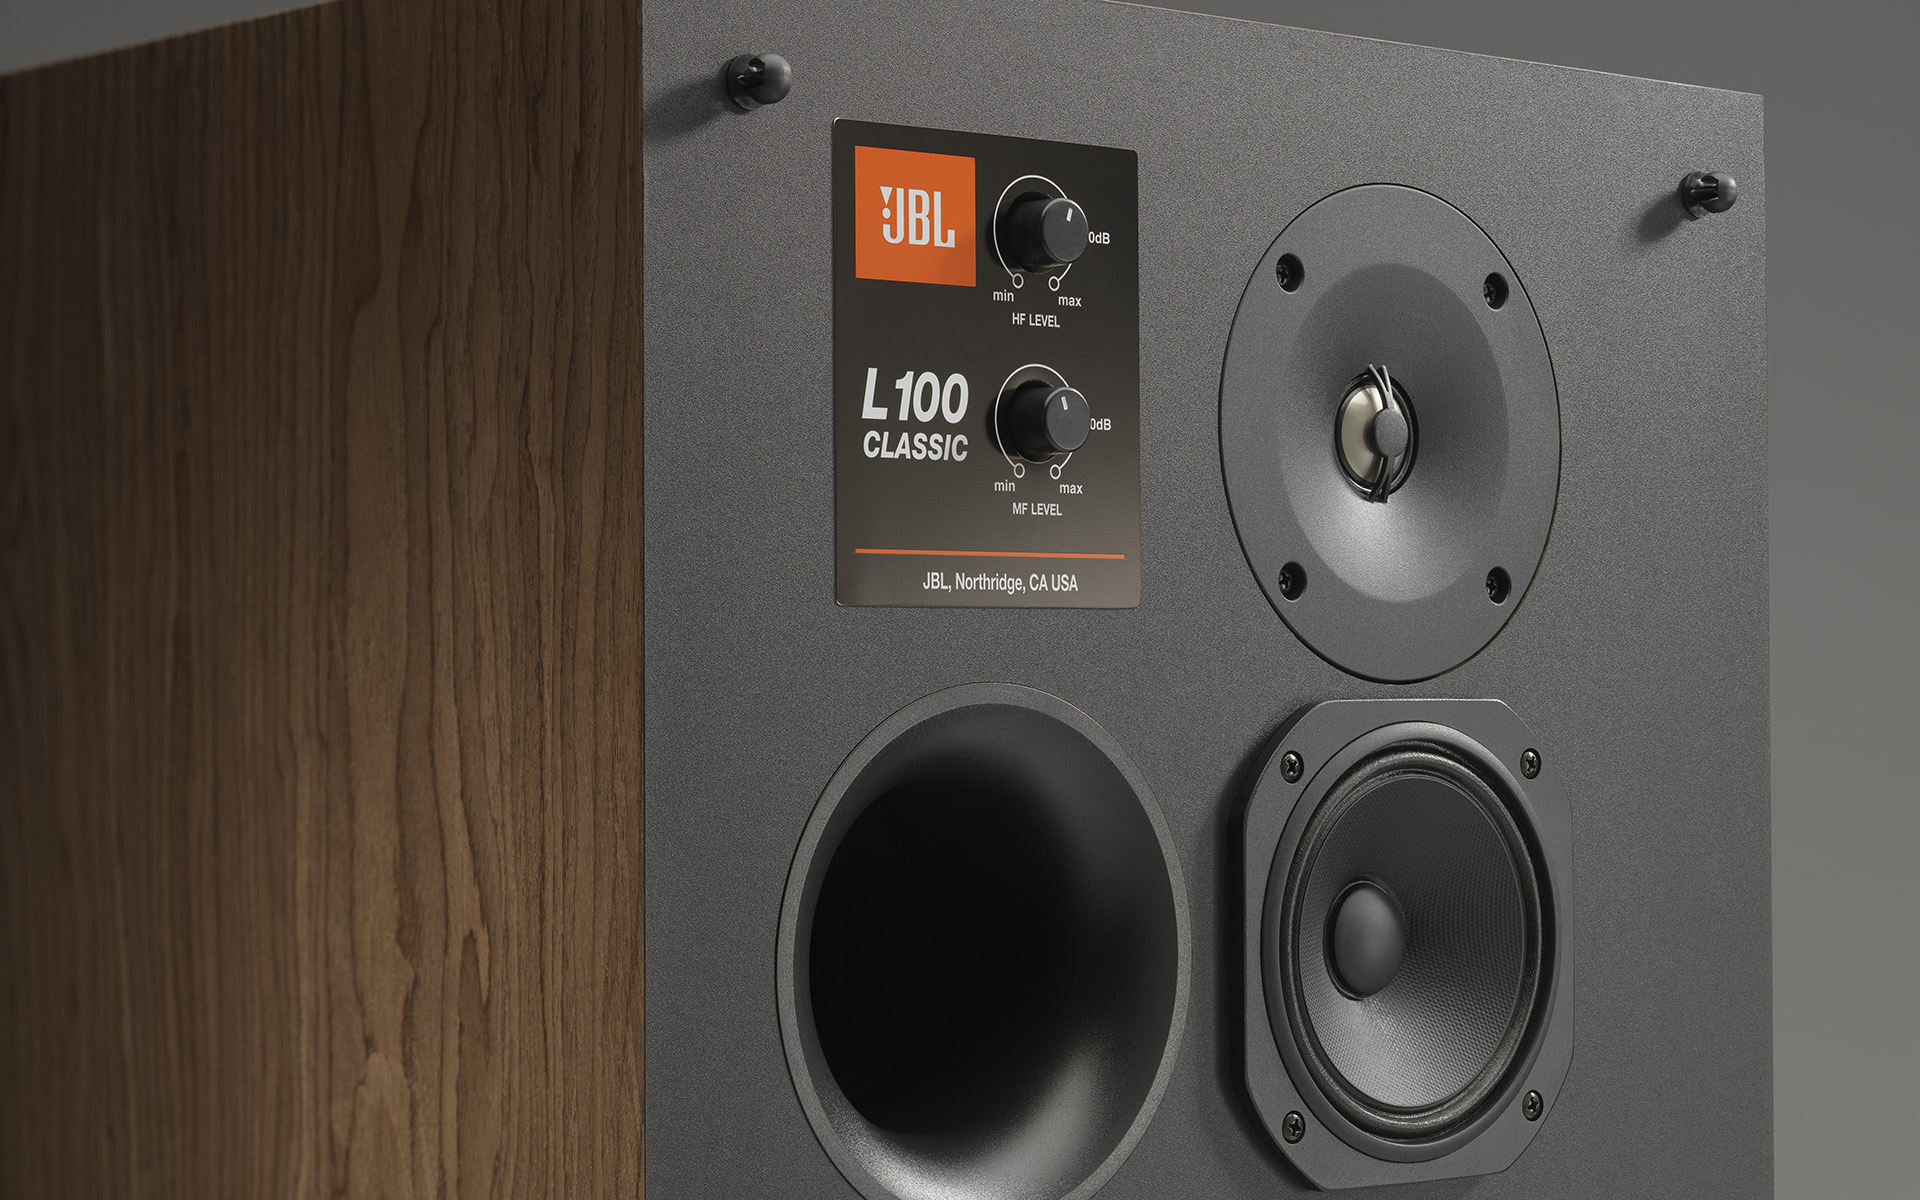 Нестареющая акустическая классика от JBL заставила расчувствоваться обозревателя портала StereoNET